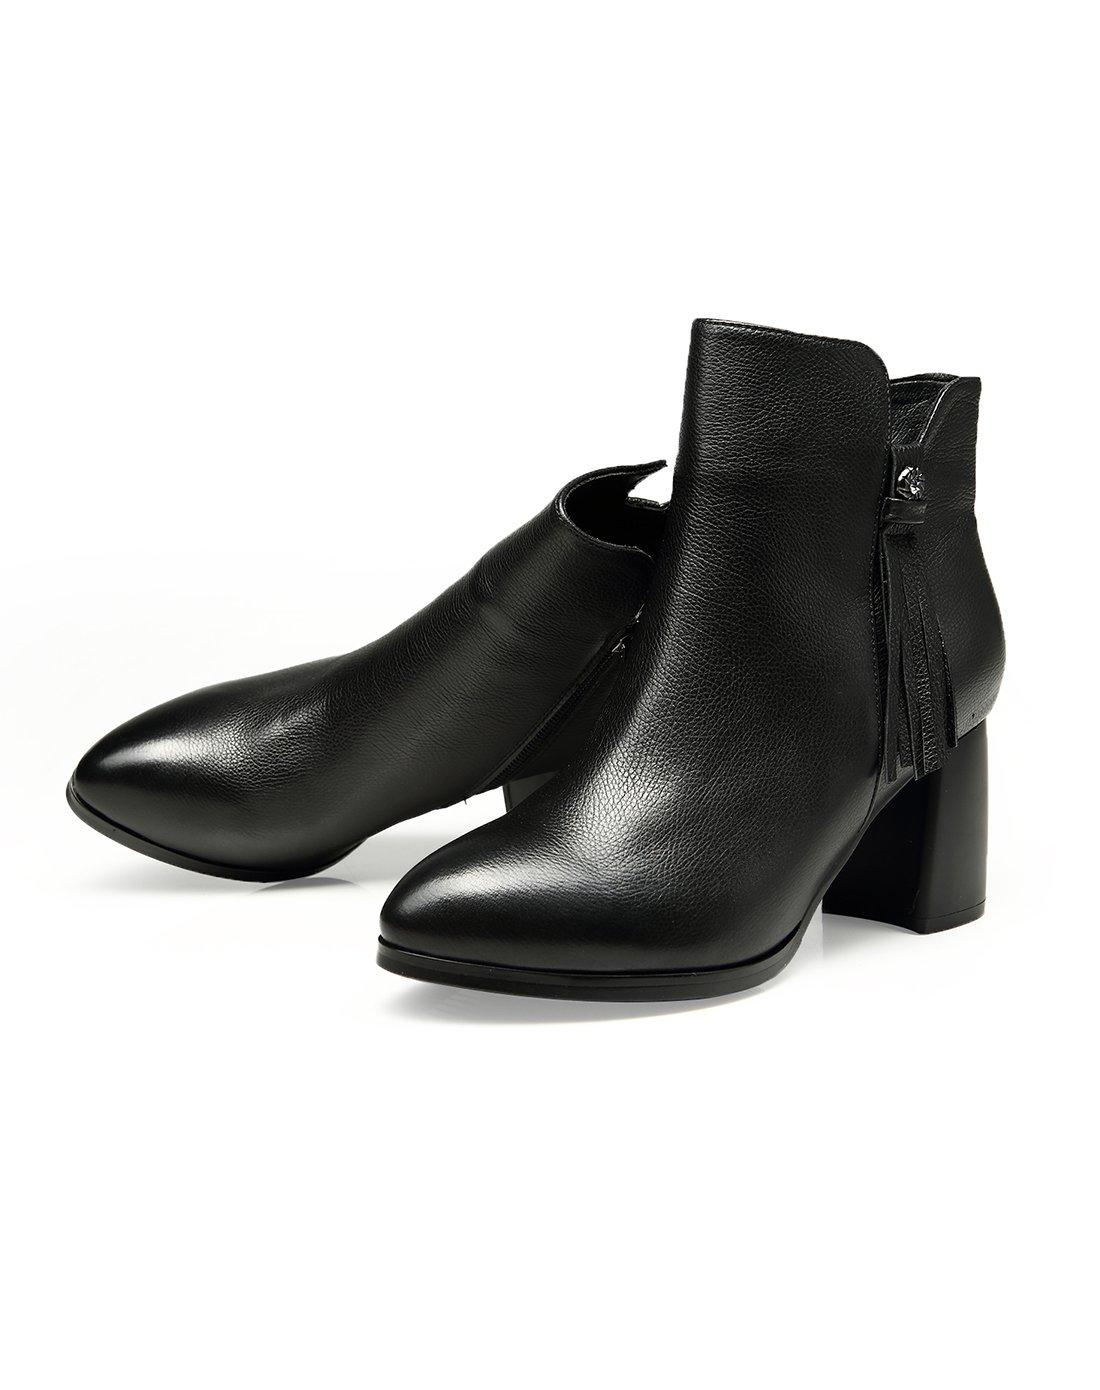 牛皮革侧面流苏时尚尖头粗跟短靴